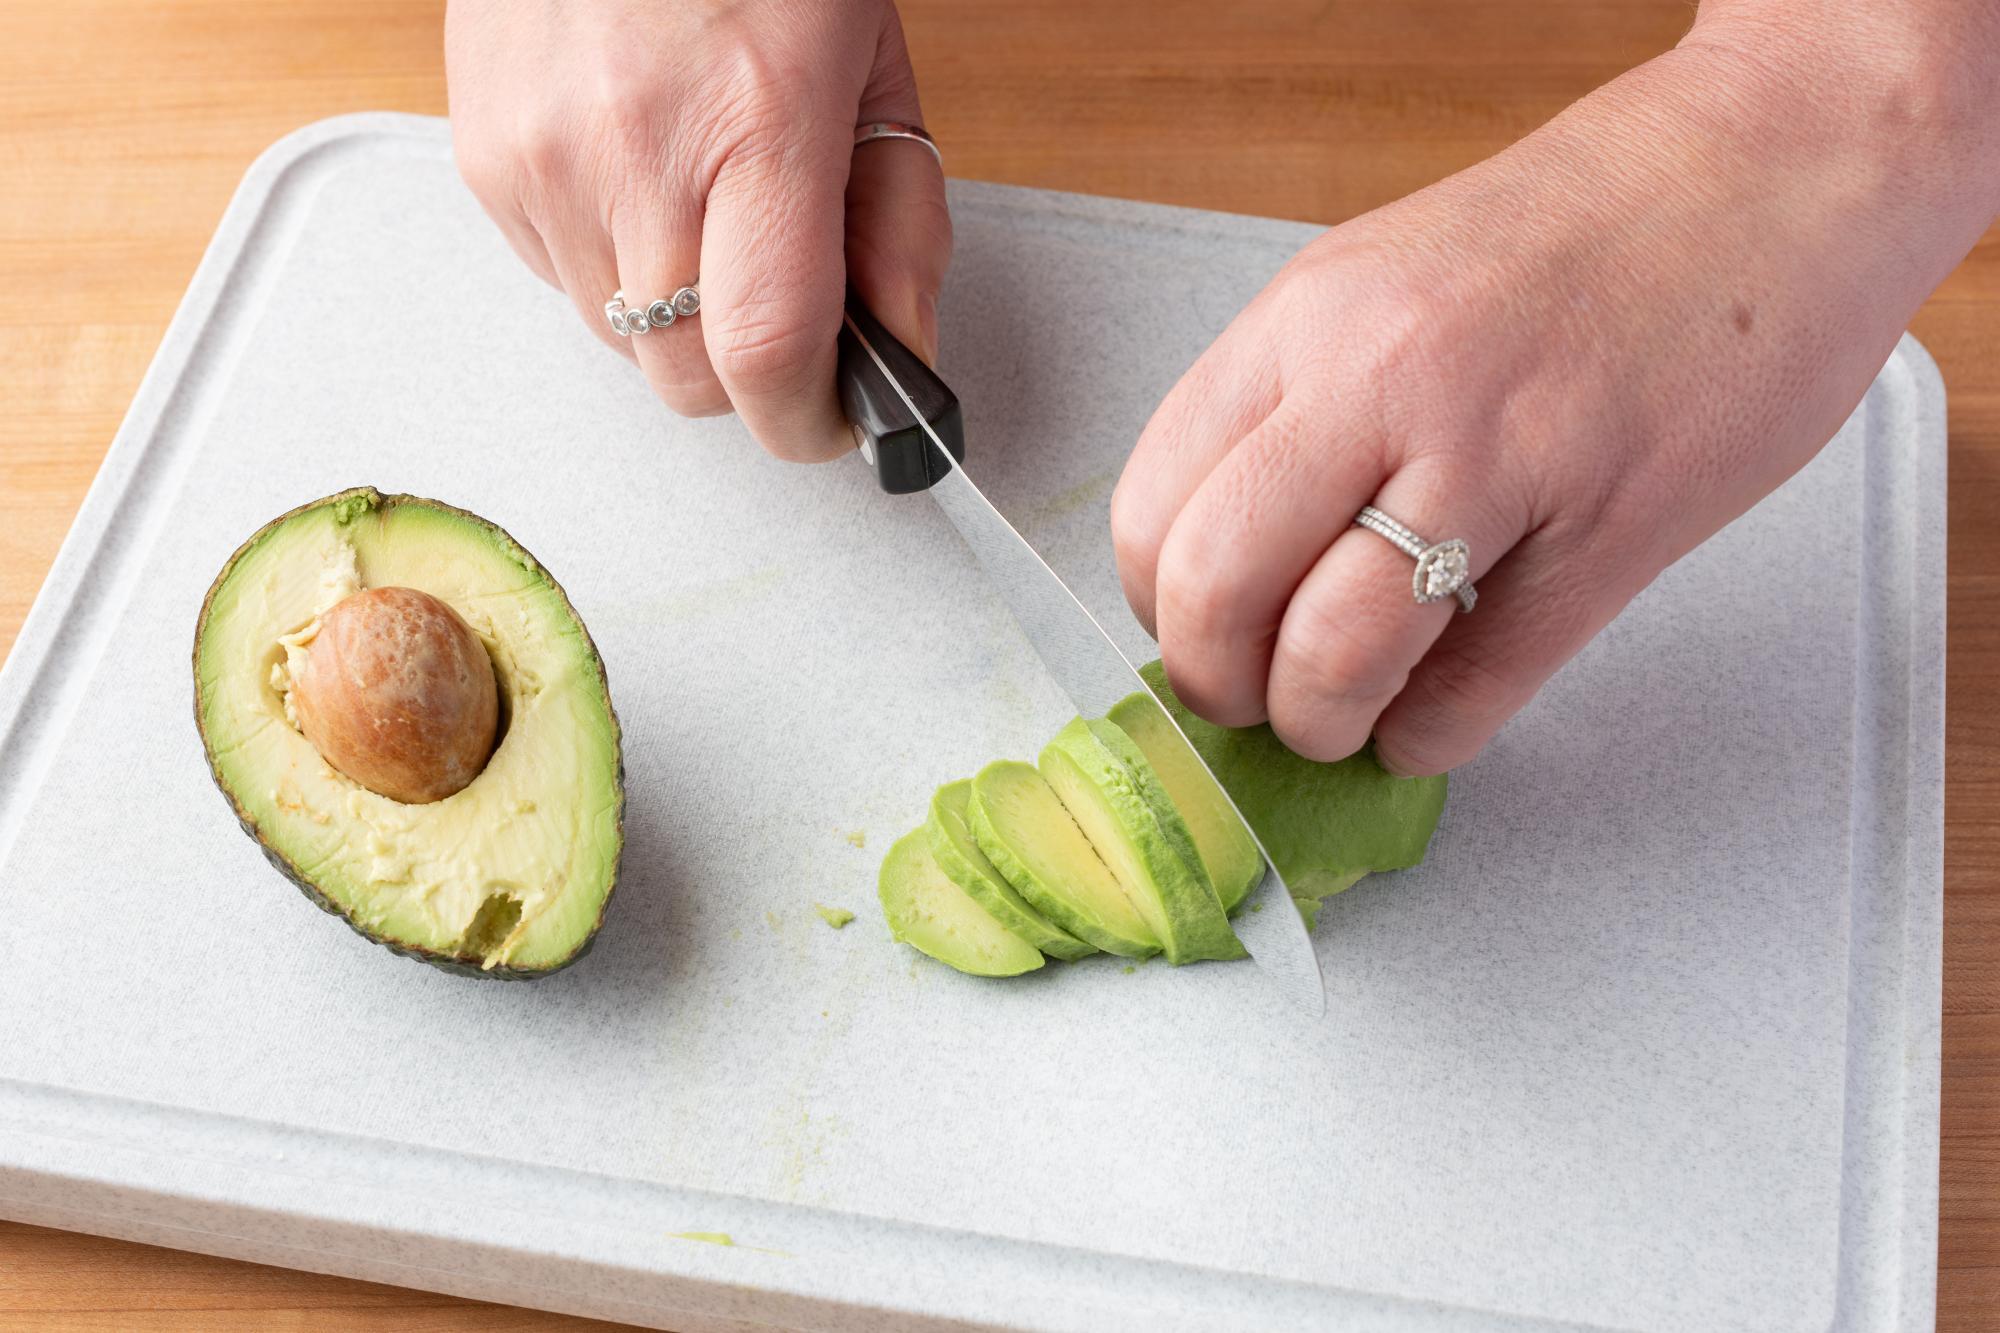 Slicing the avocado with a Spatula Spreader.